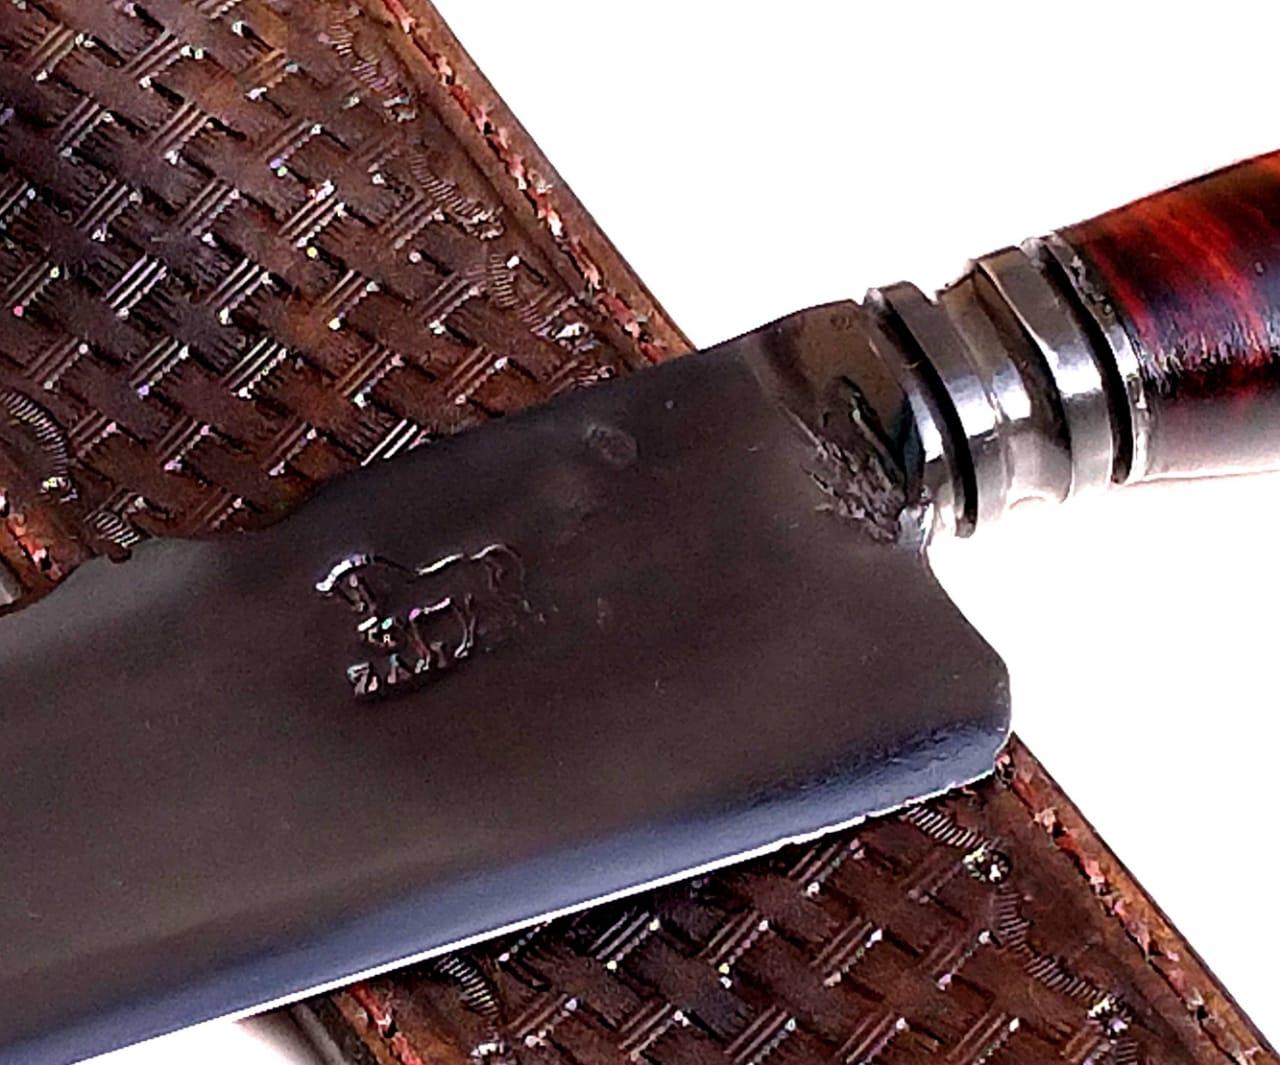 Faca artesanal forjada zaino  cabo conduru e cervo 10 polegadas